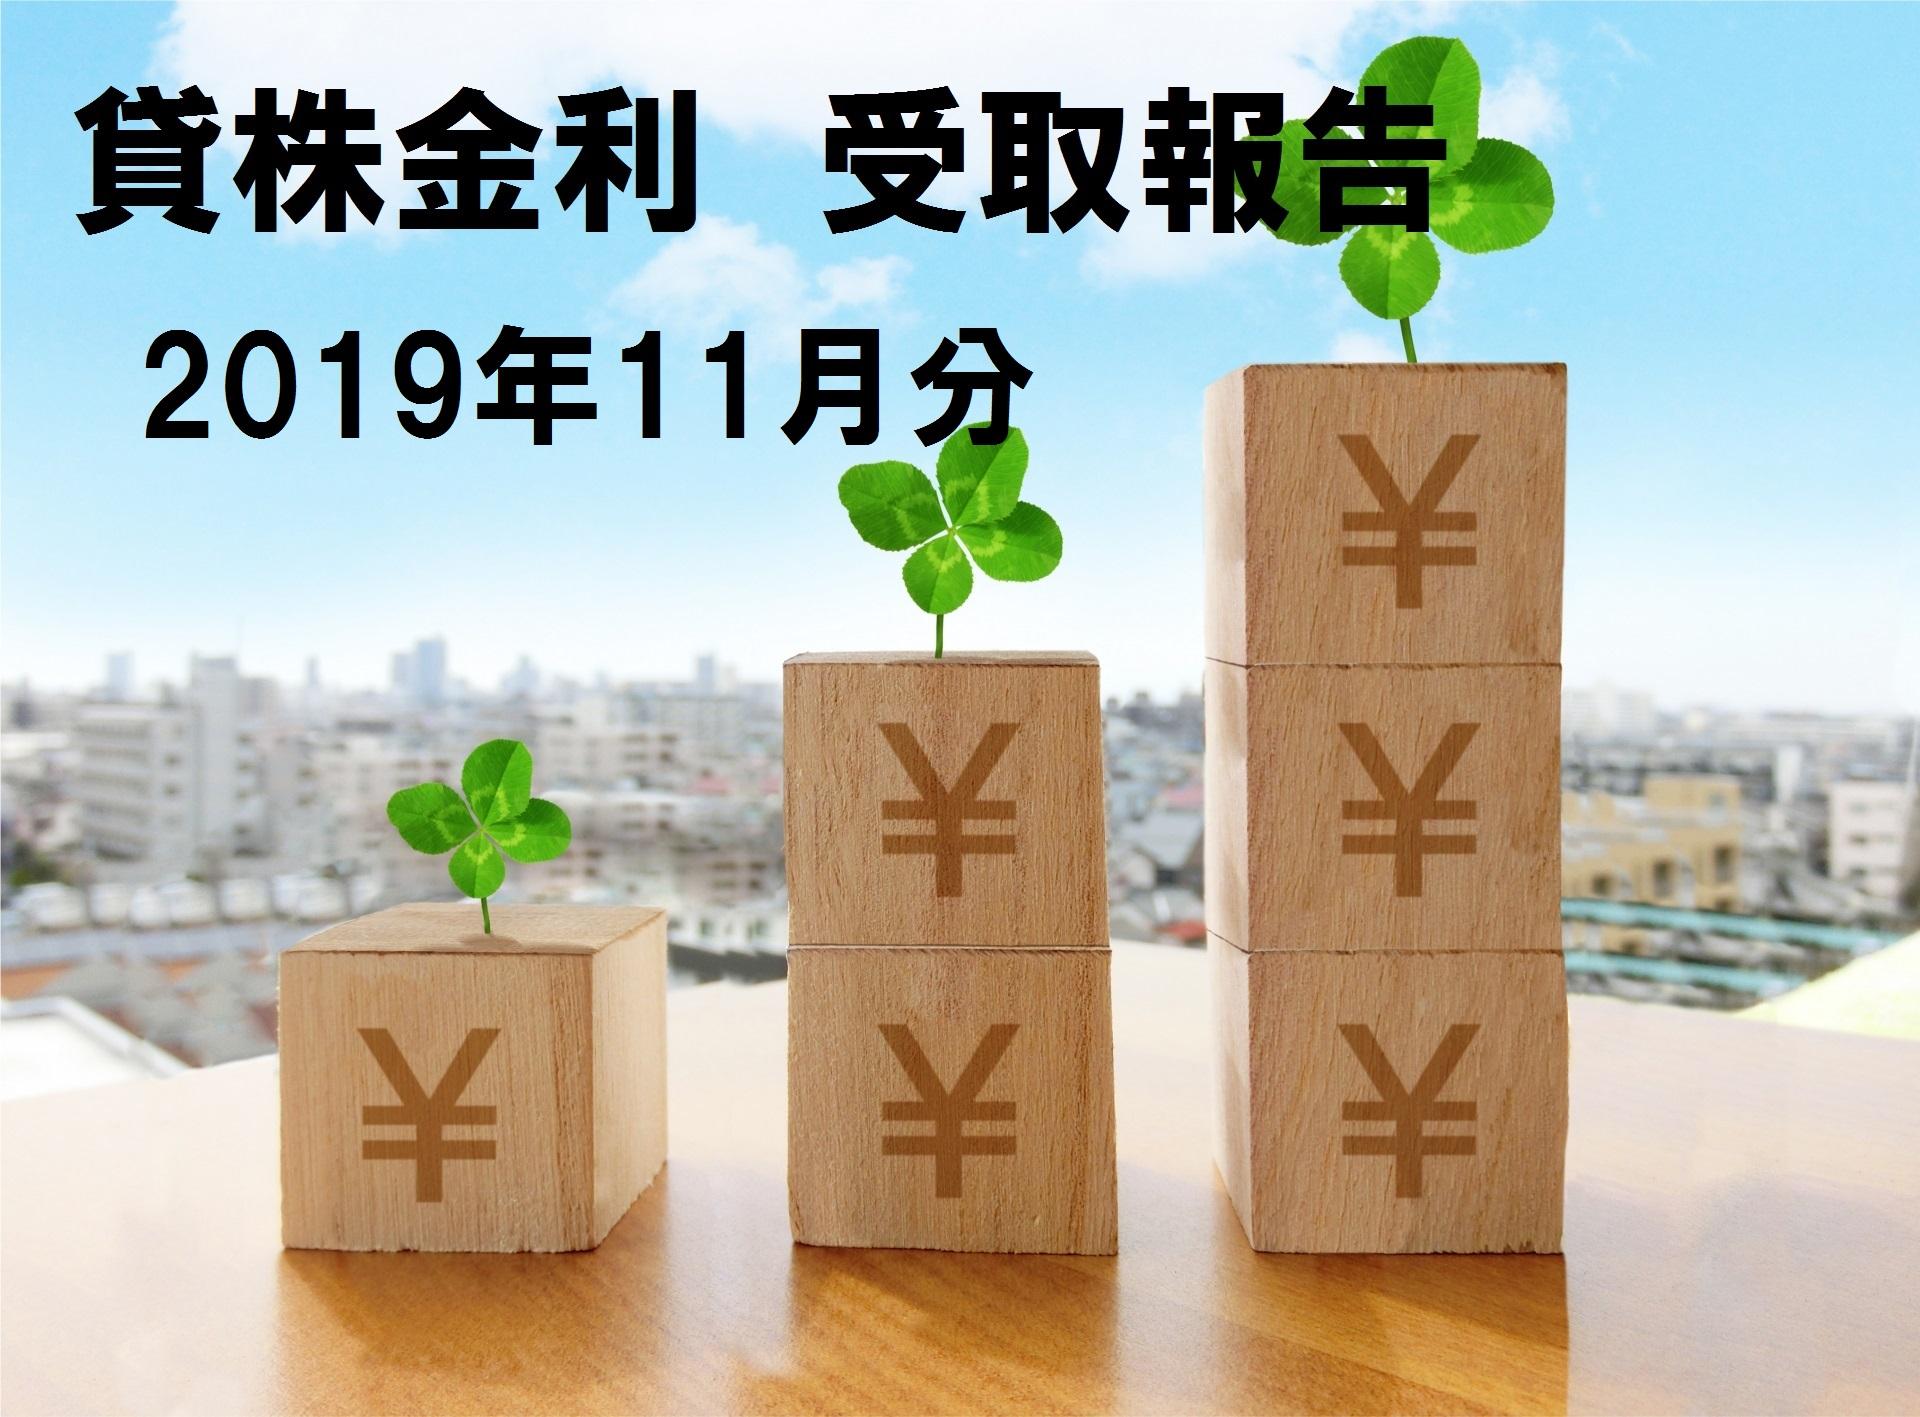 2019年11月貸株金利受け取り状況